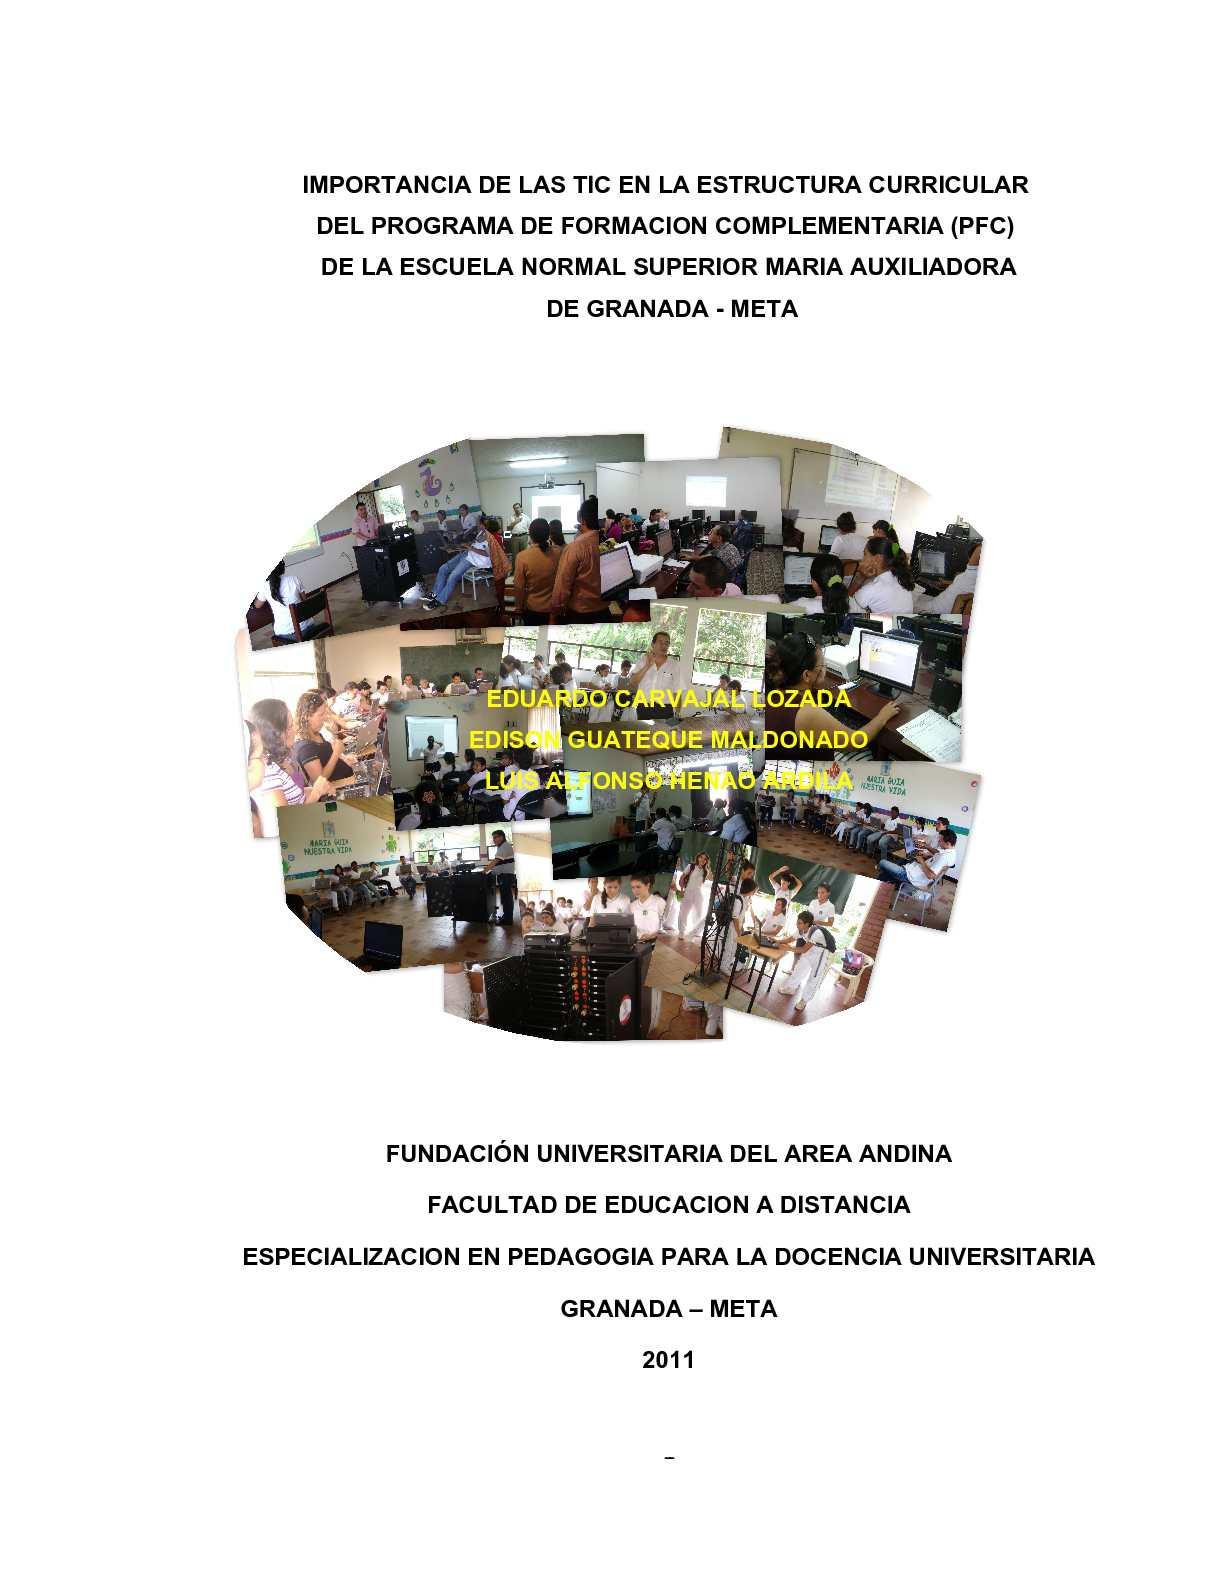 Calaméo - IMPORTANCIA DE LAS TIC EN LA ESTRUCTURA CURRICULAR